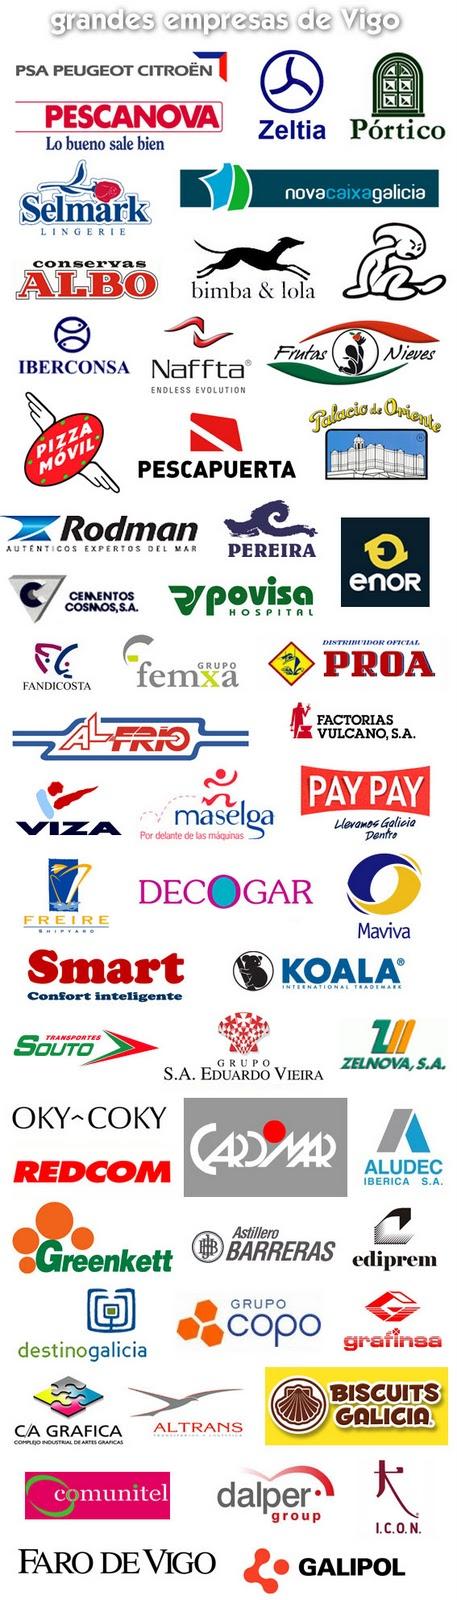 Entorno las grandes empresas de vigo rankia for Empresas de construccion en vigo